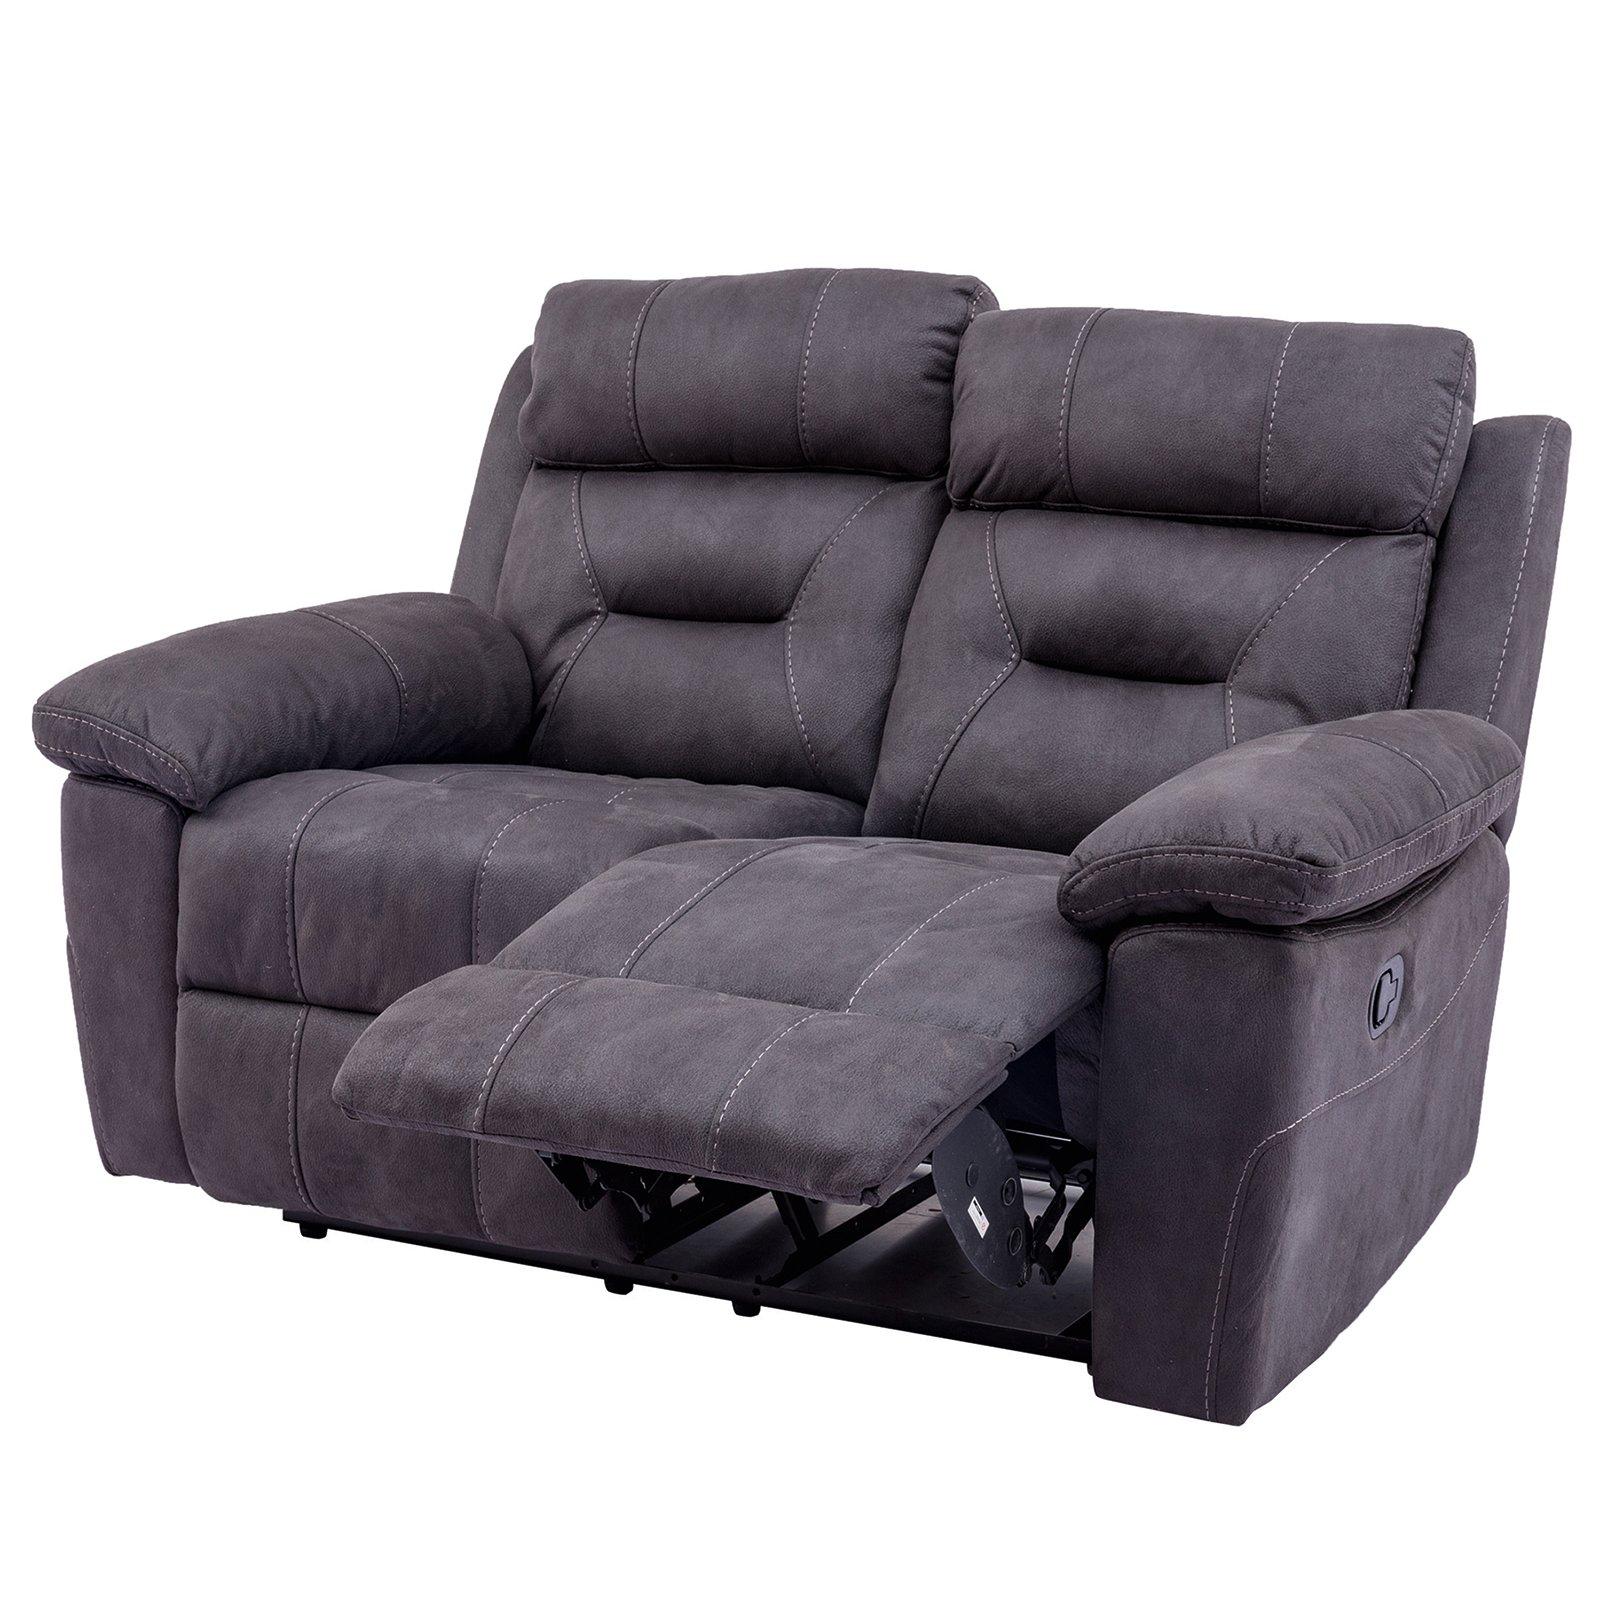 Full Size of Sofa 2 Sitzer Grau Mit Relaxfunktion 145 Cm Breit Online Big Led 3 Groß Sitzhöhe 55 Schilling Zweisitzer Bett Schubladen 180x200 Landhausstil Delife Indomo Sofa Sofa Mit Relaxfunktion 3 Sitzer